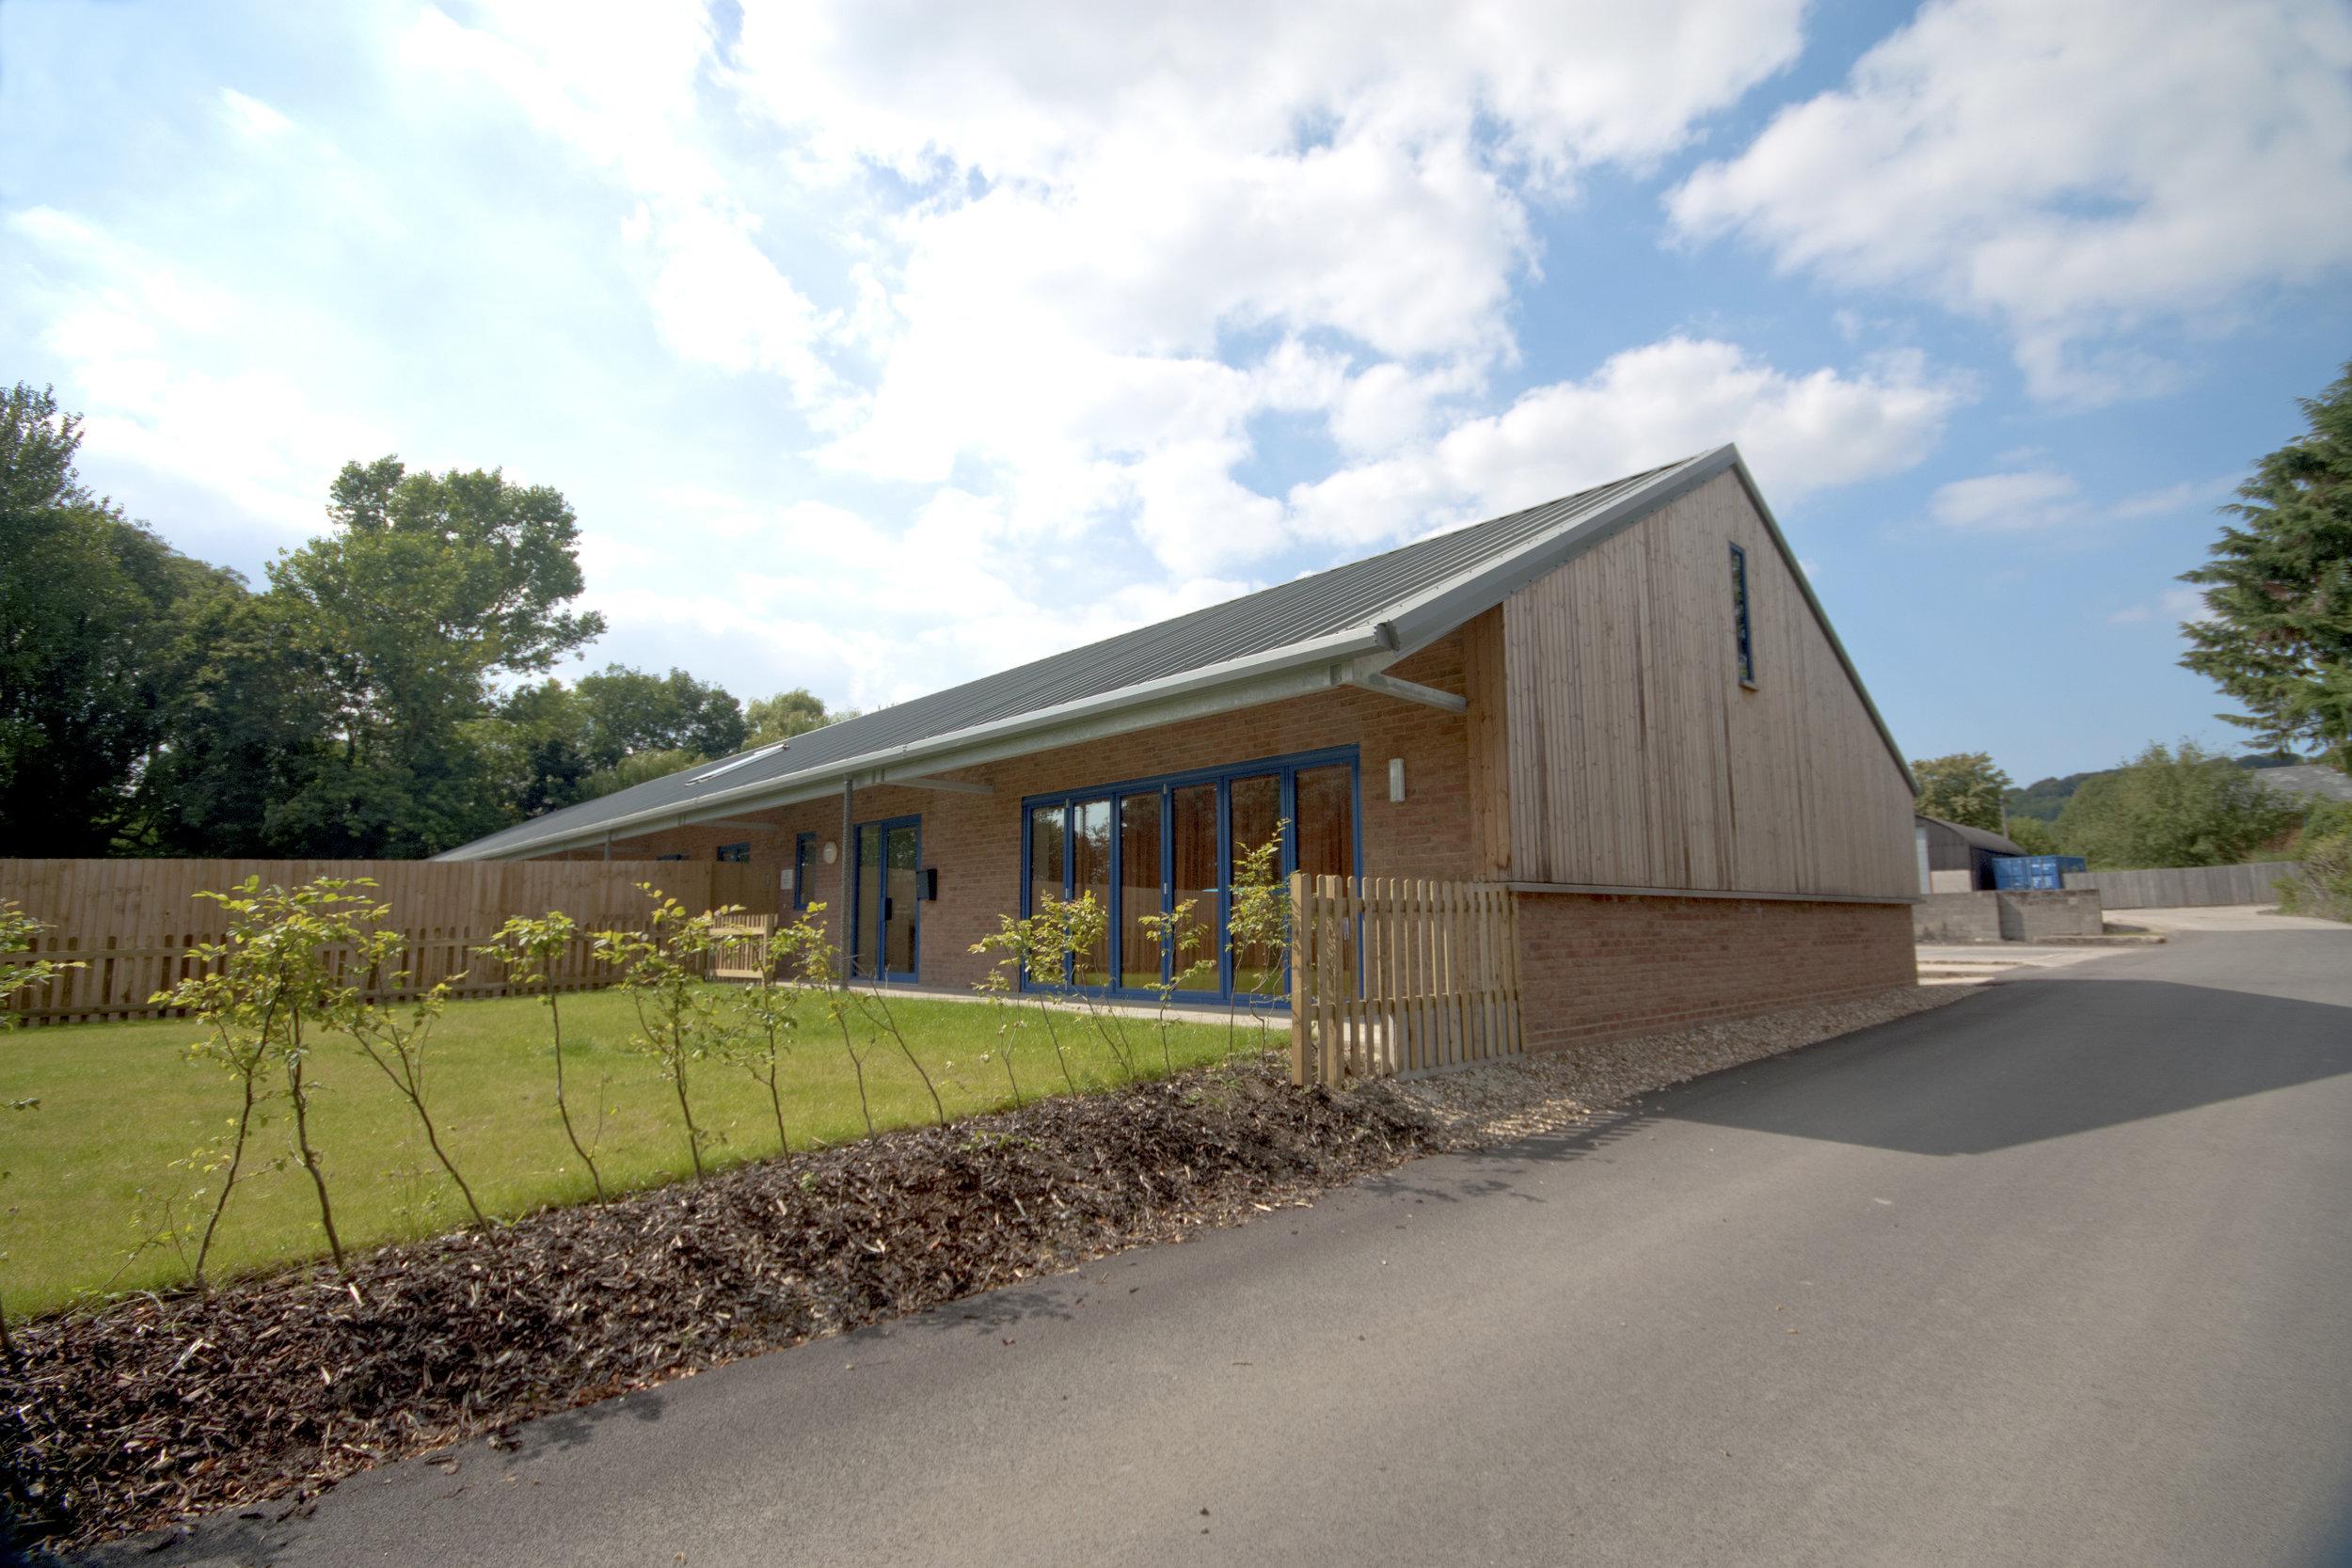 Roundway Nursery School and Yoga Studio